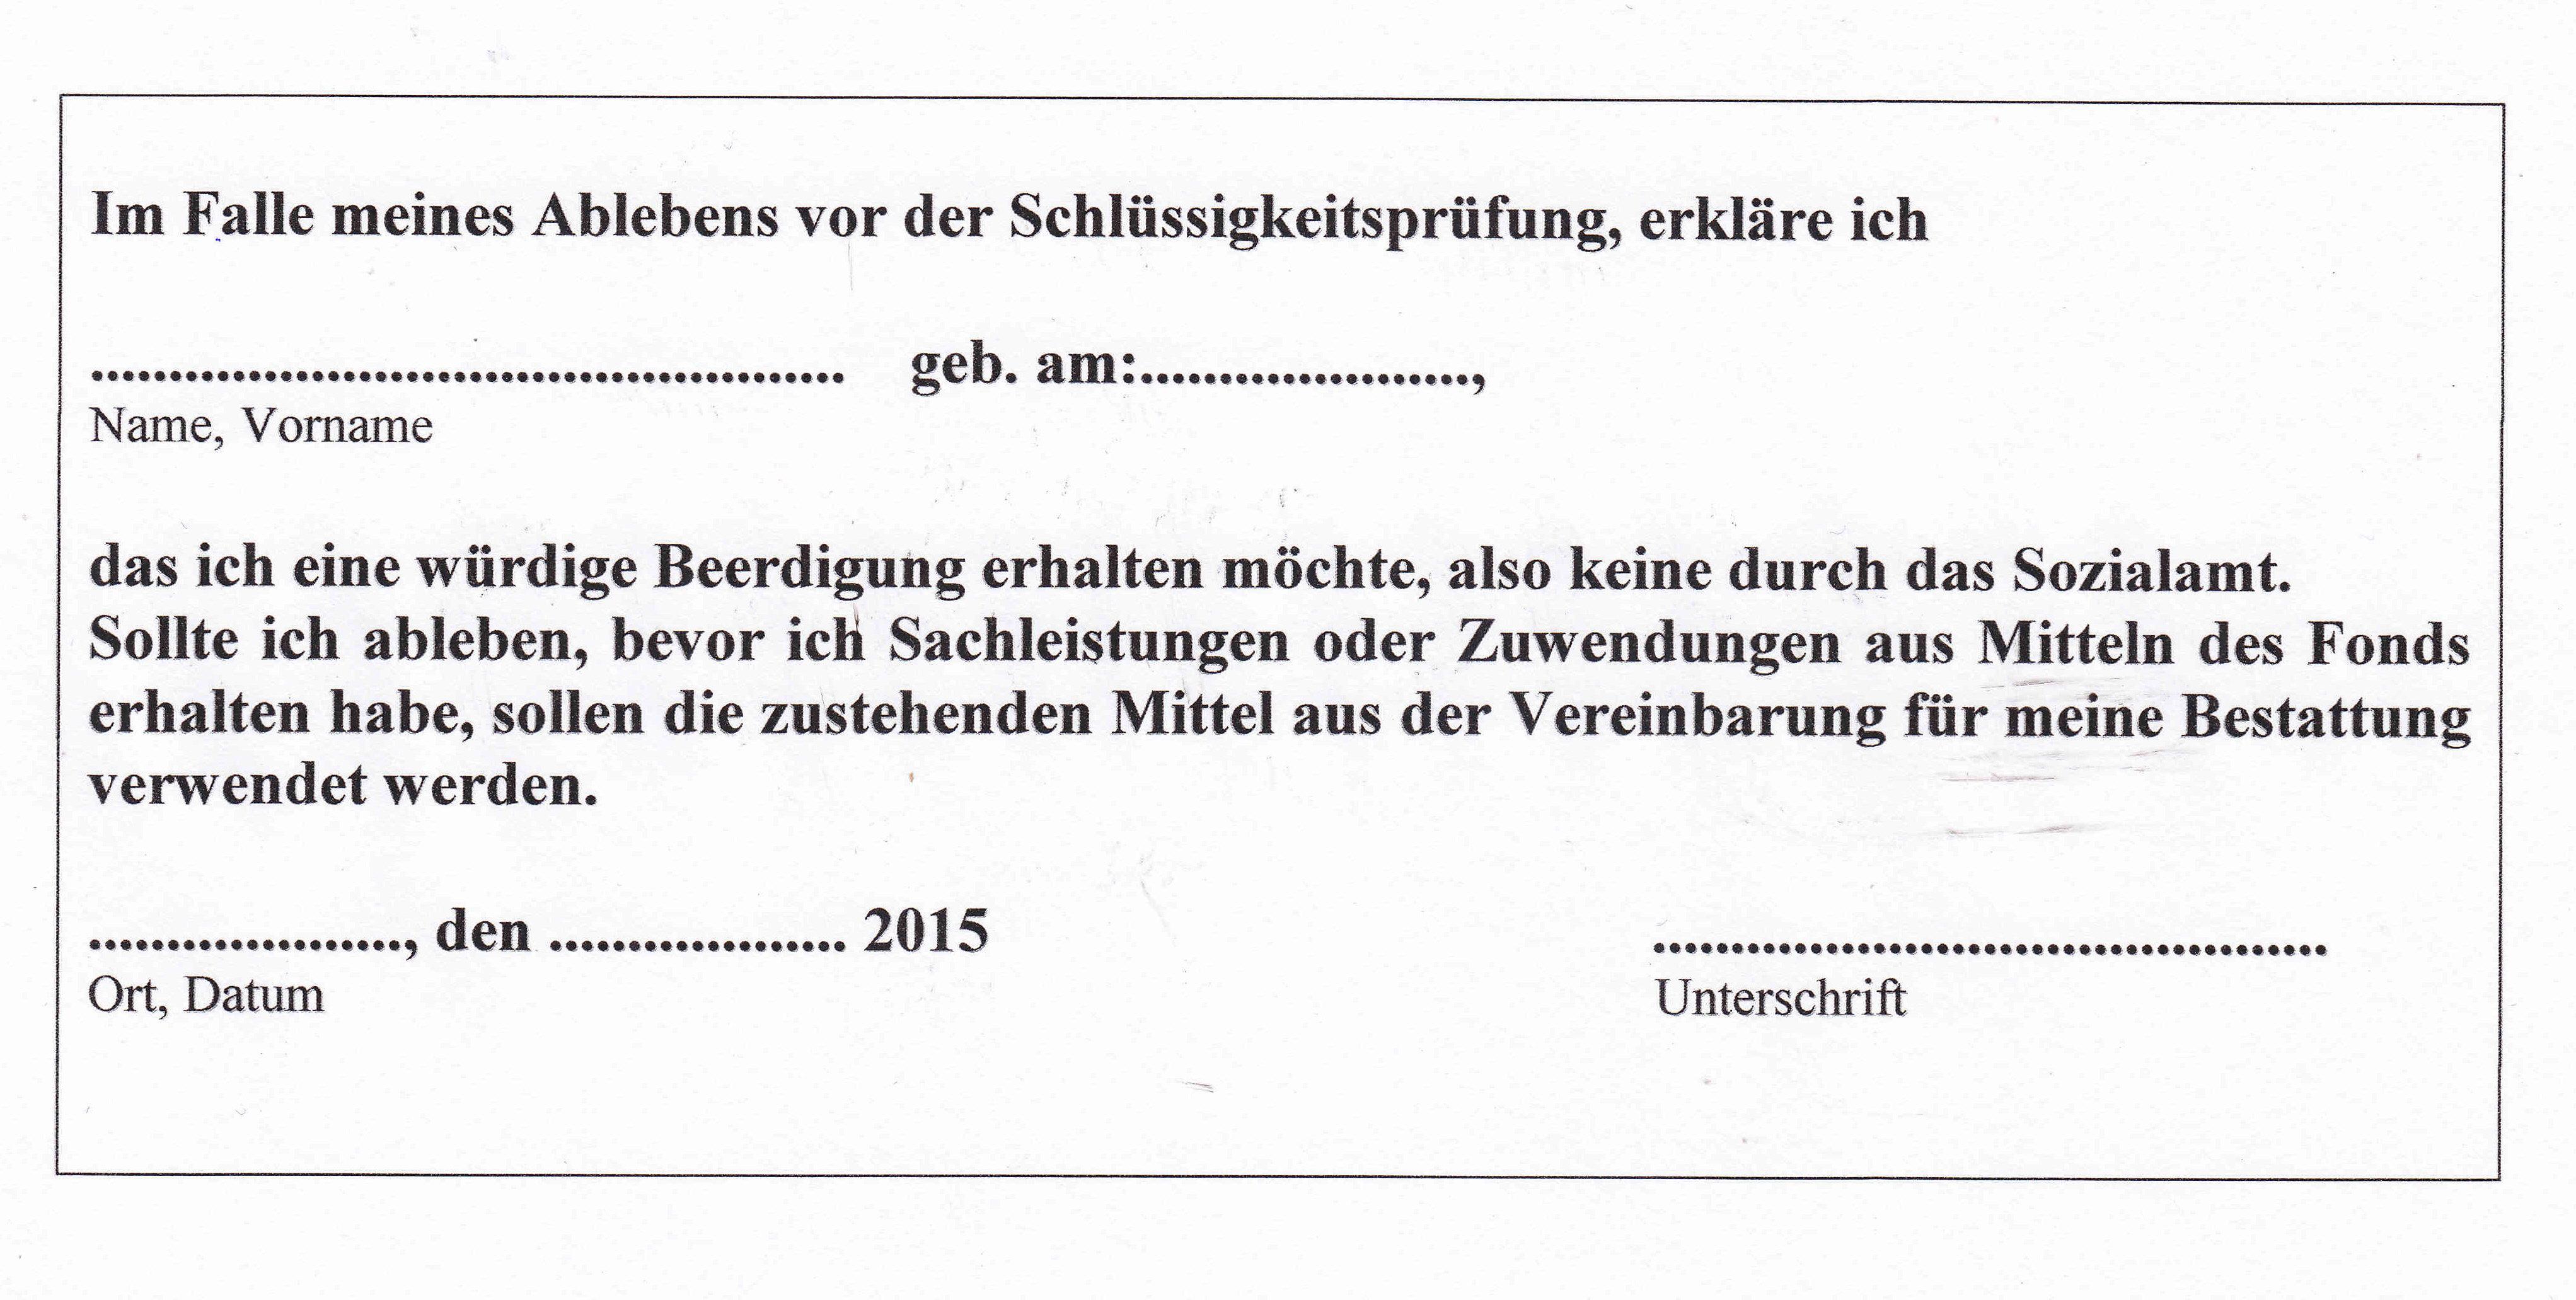 theo schreckenbach | vereinigung 17. juni 1953 e.v., Einladung